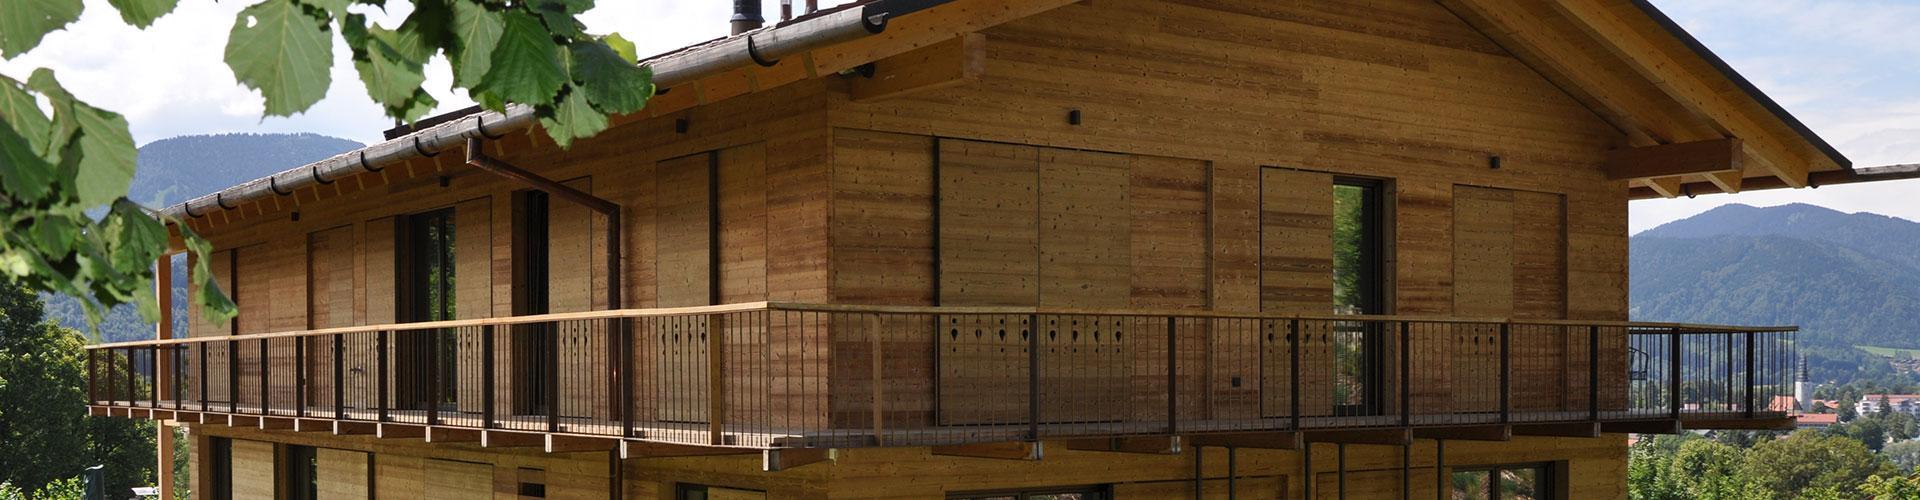 Schiebeläden-Holz-Schiebeladenantrieb-fassadenbündig